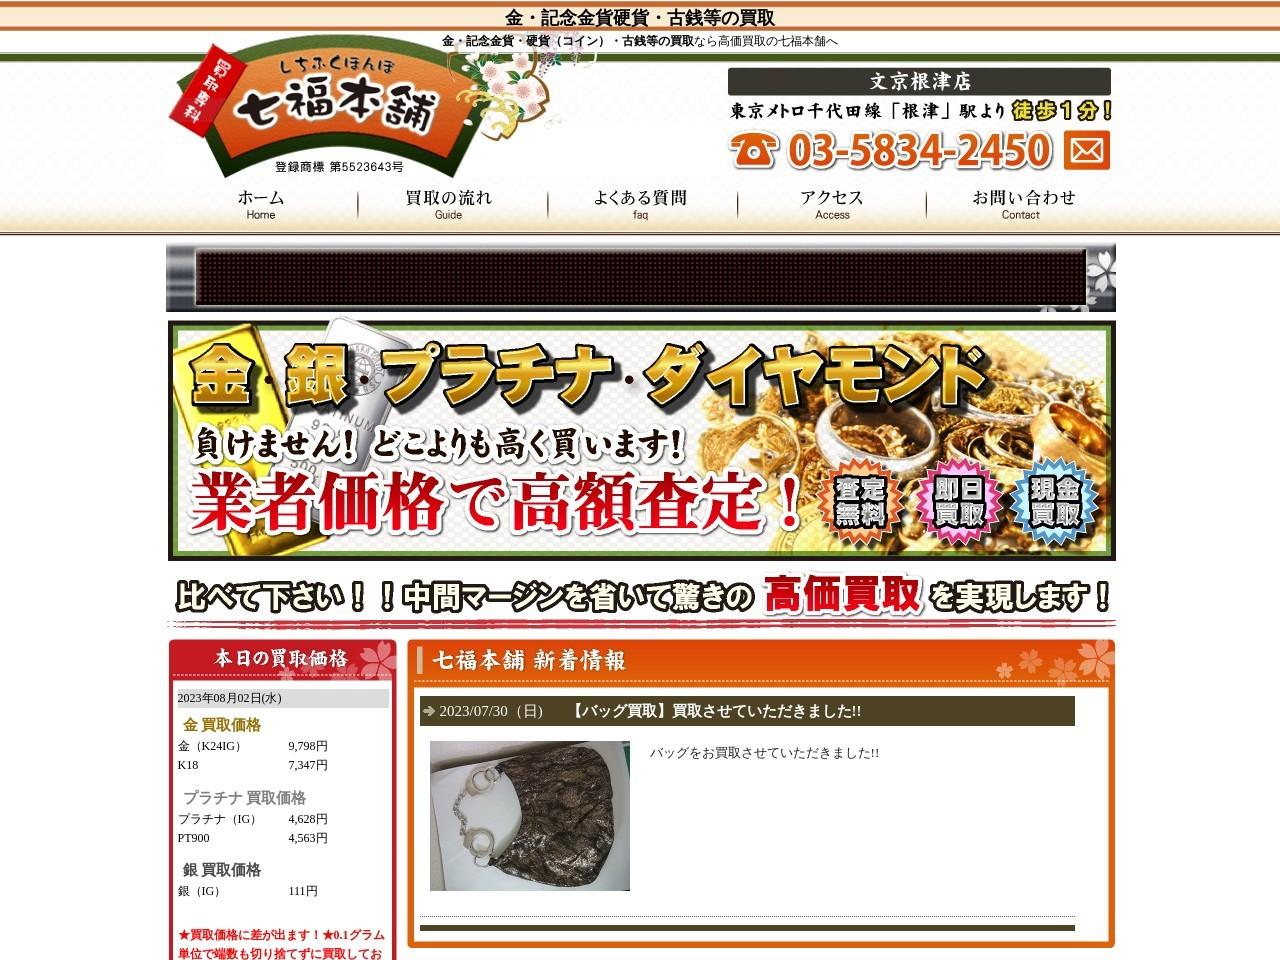 金買取 上野|七福本舗